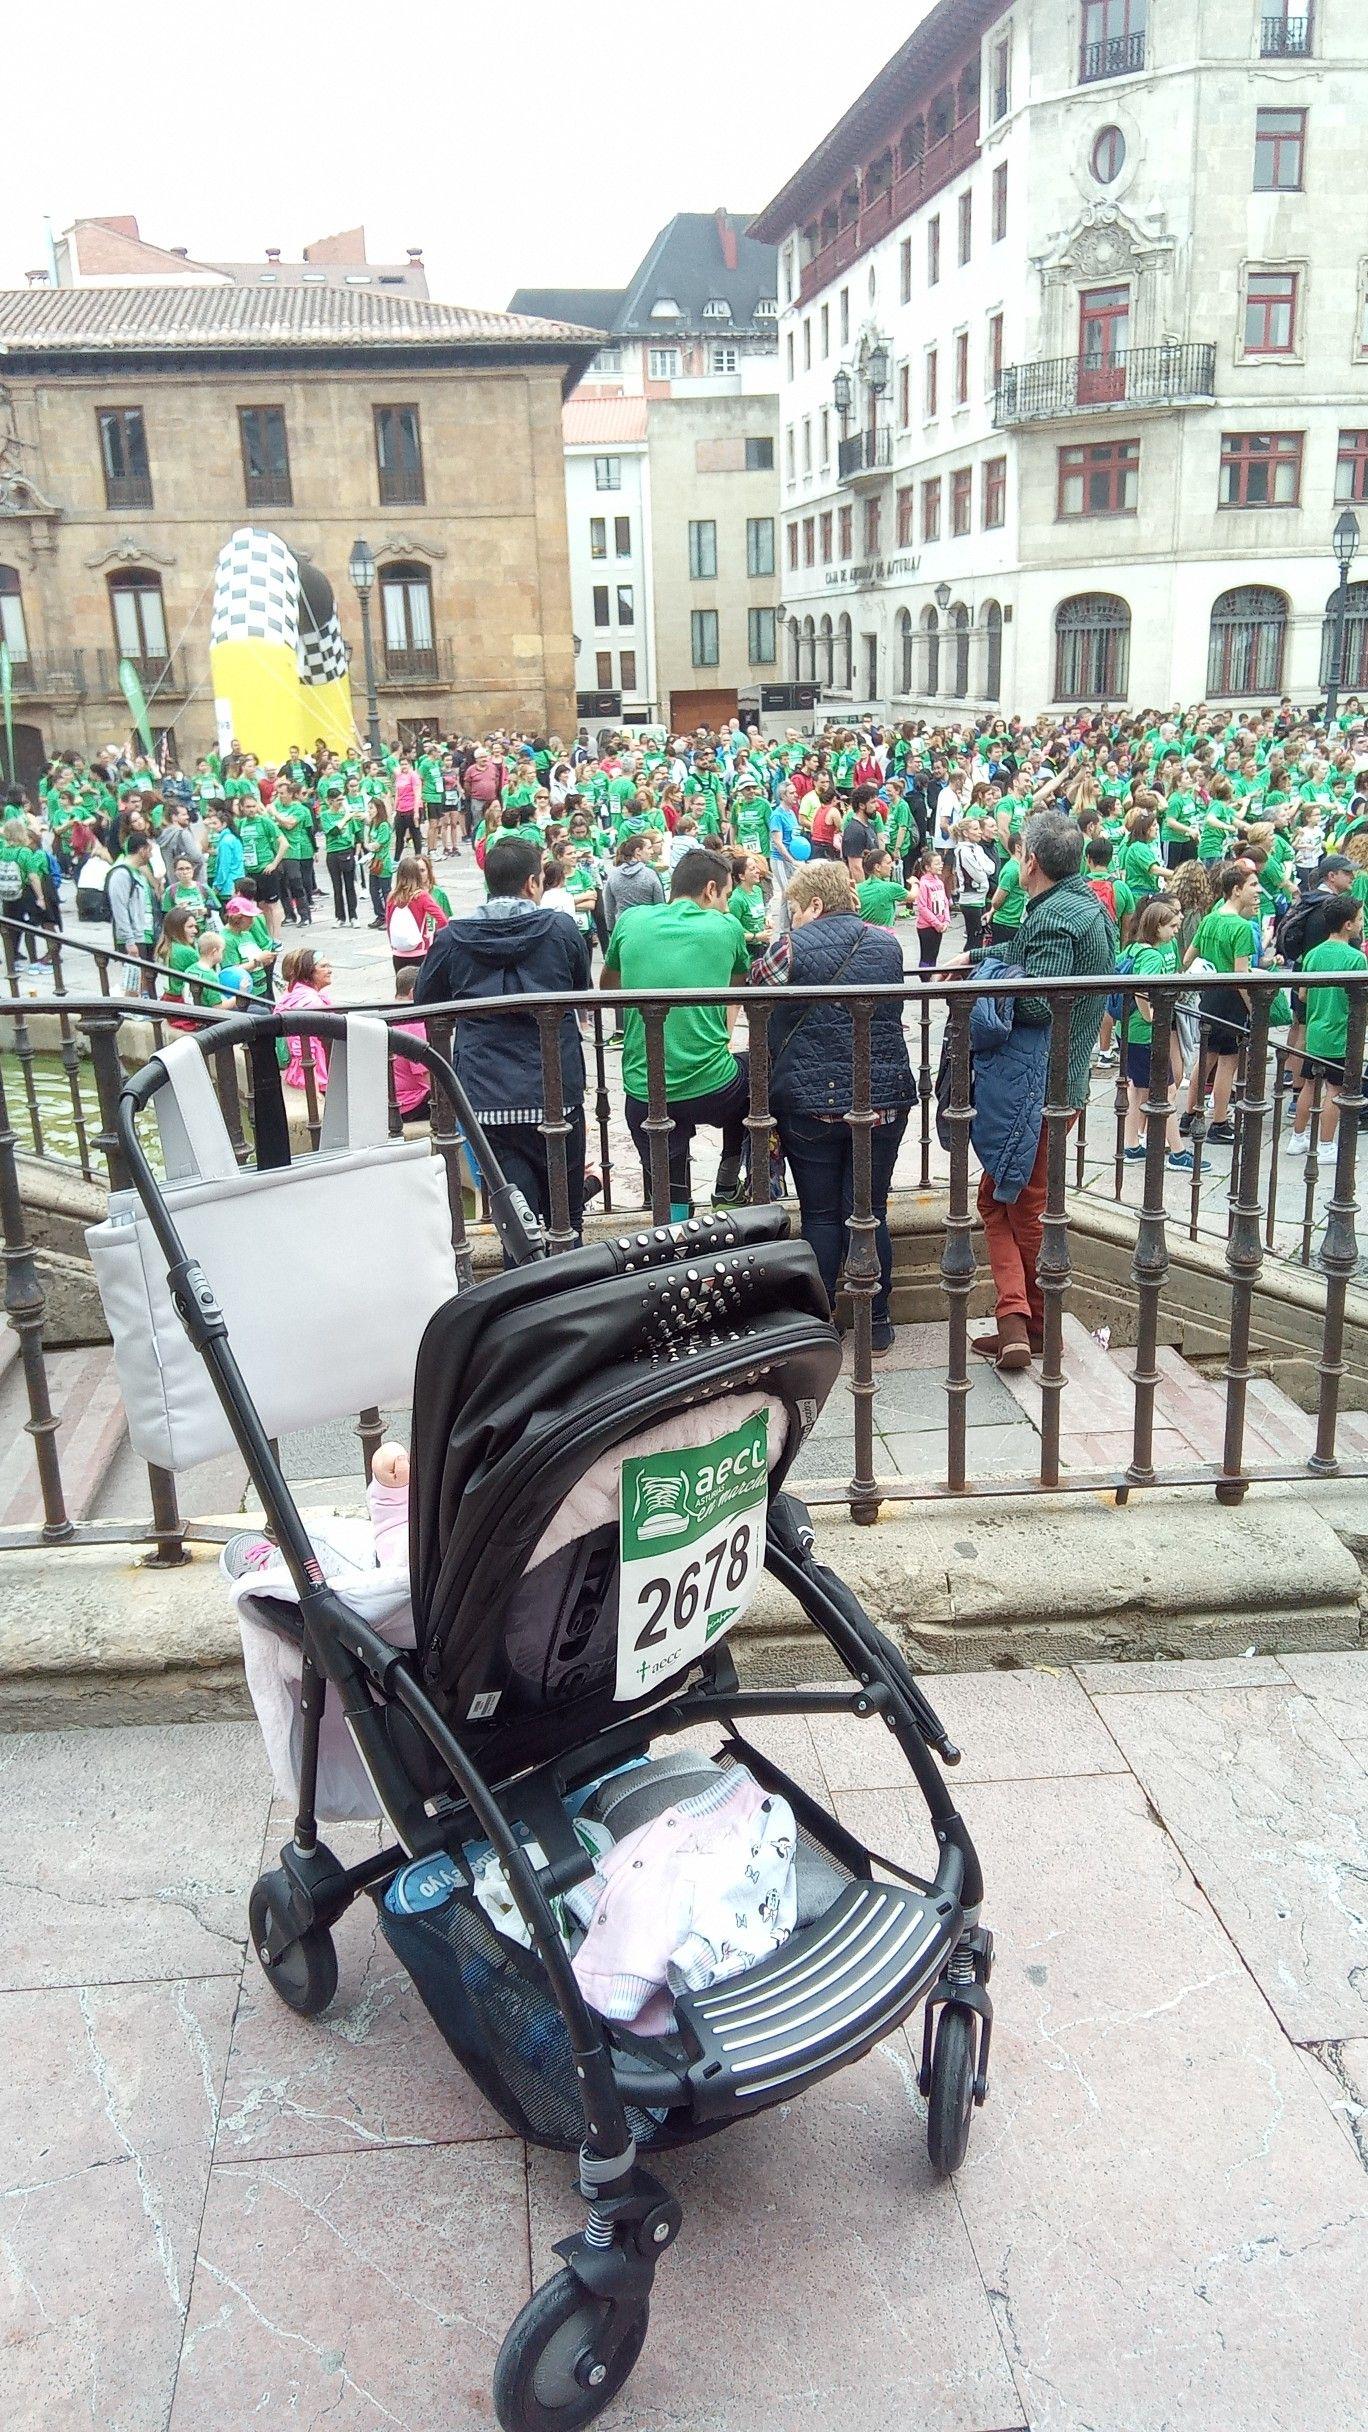 Hoy Una Mañana Diferente Participando En La Carrera Contra El Cáncer El Año Que Viene Repetimos Aecc Carreracontraelcánce Carreras Hasta Mañana El Cancer